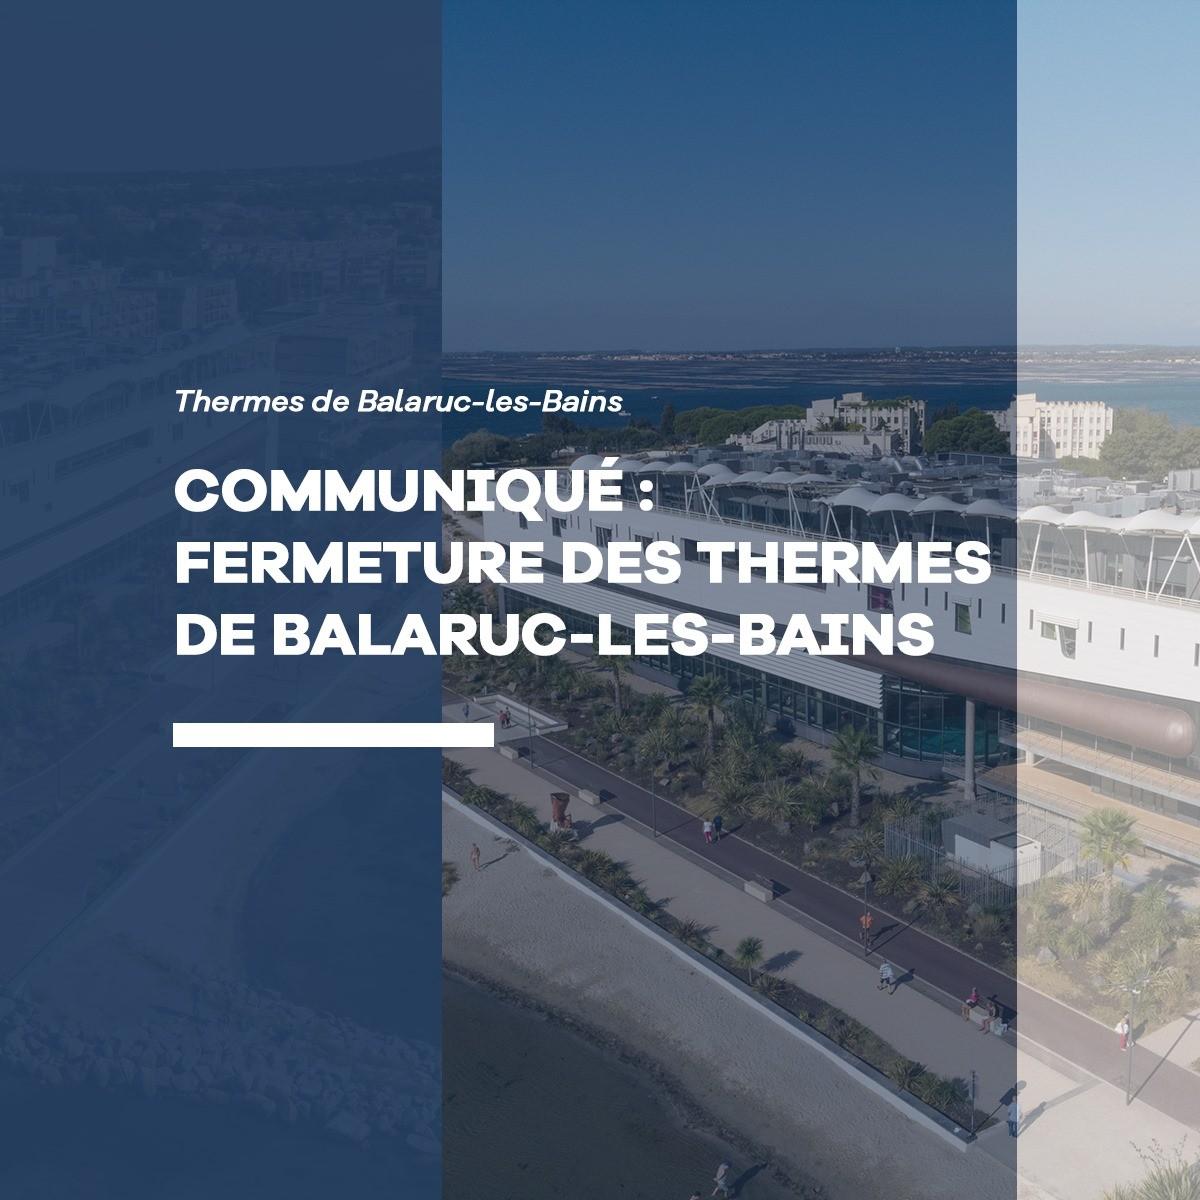 fermeture-des-thermes-de-balaruc-les-bains-1137